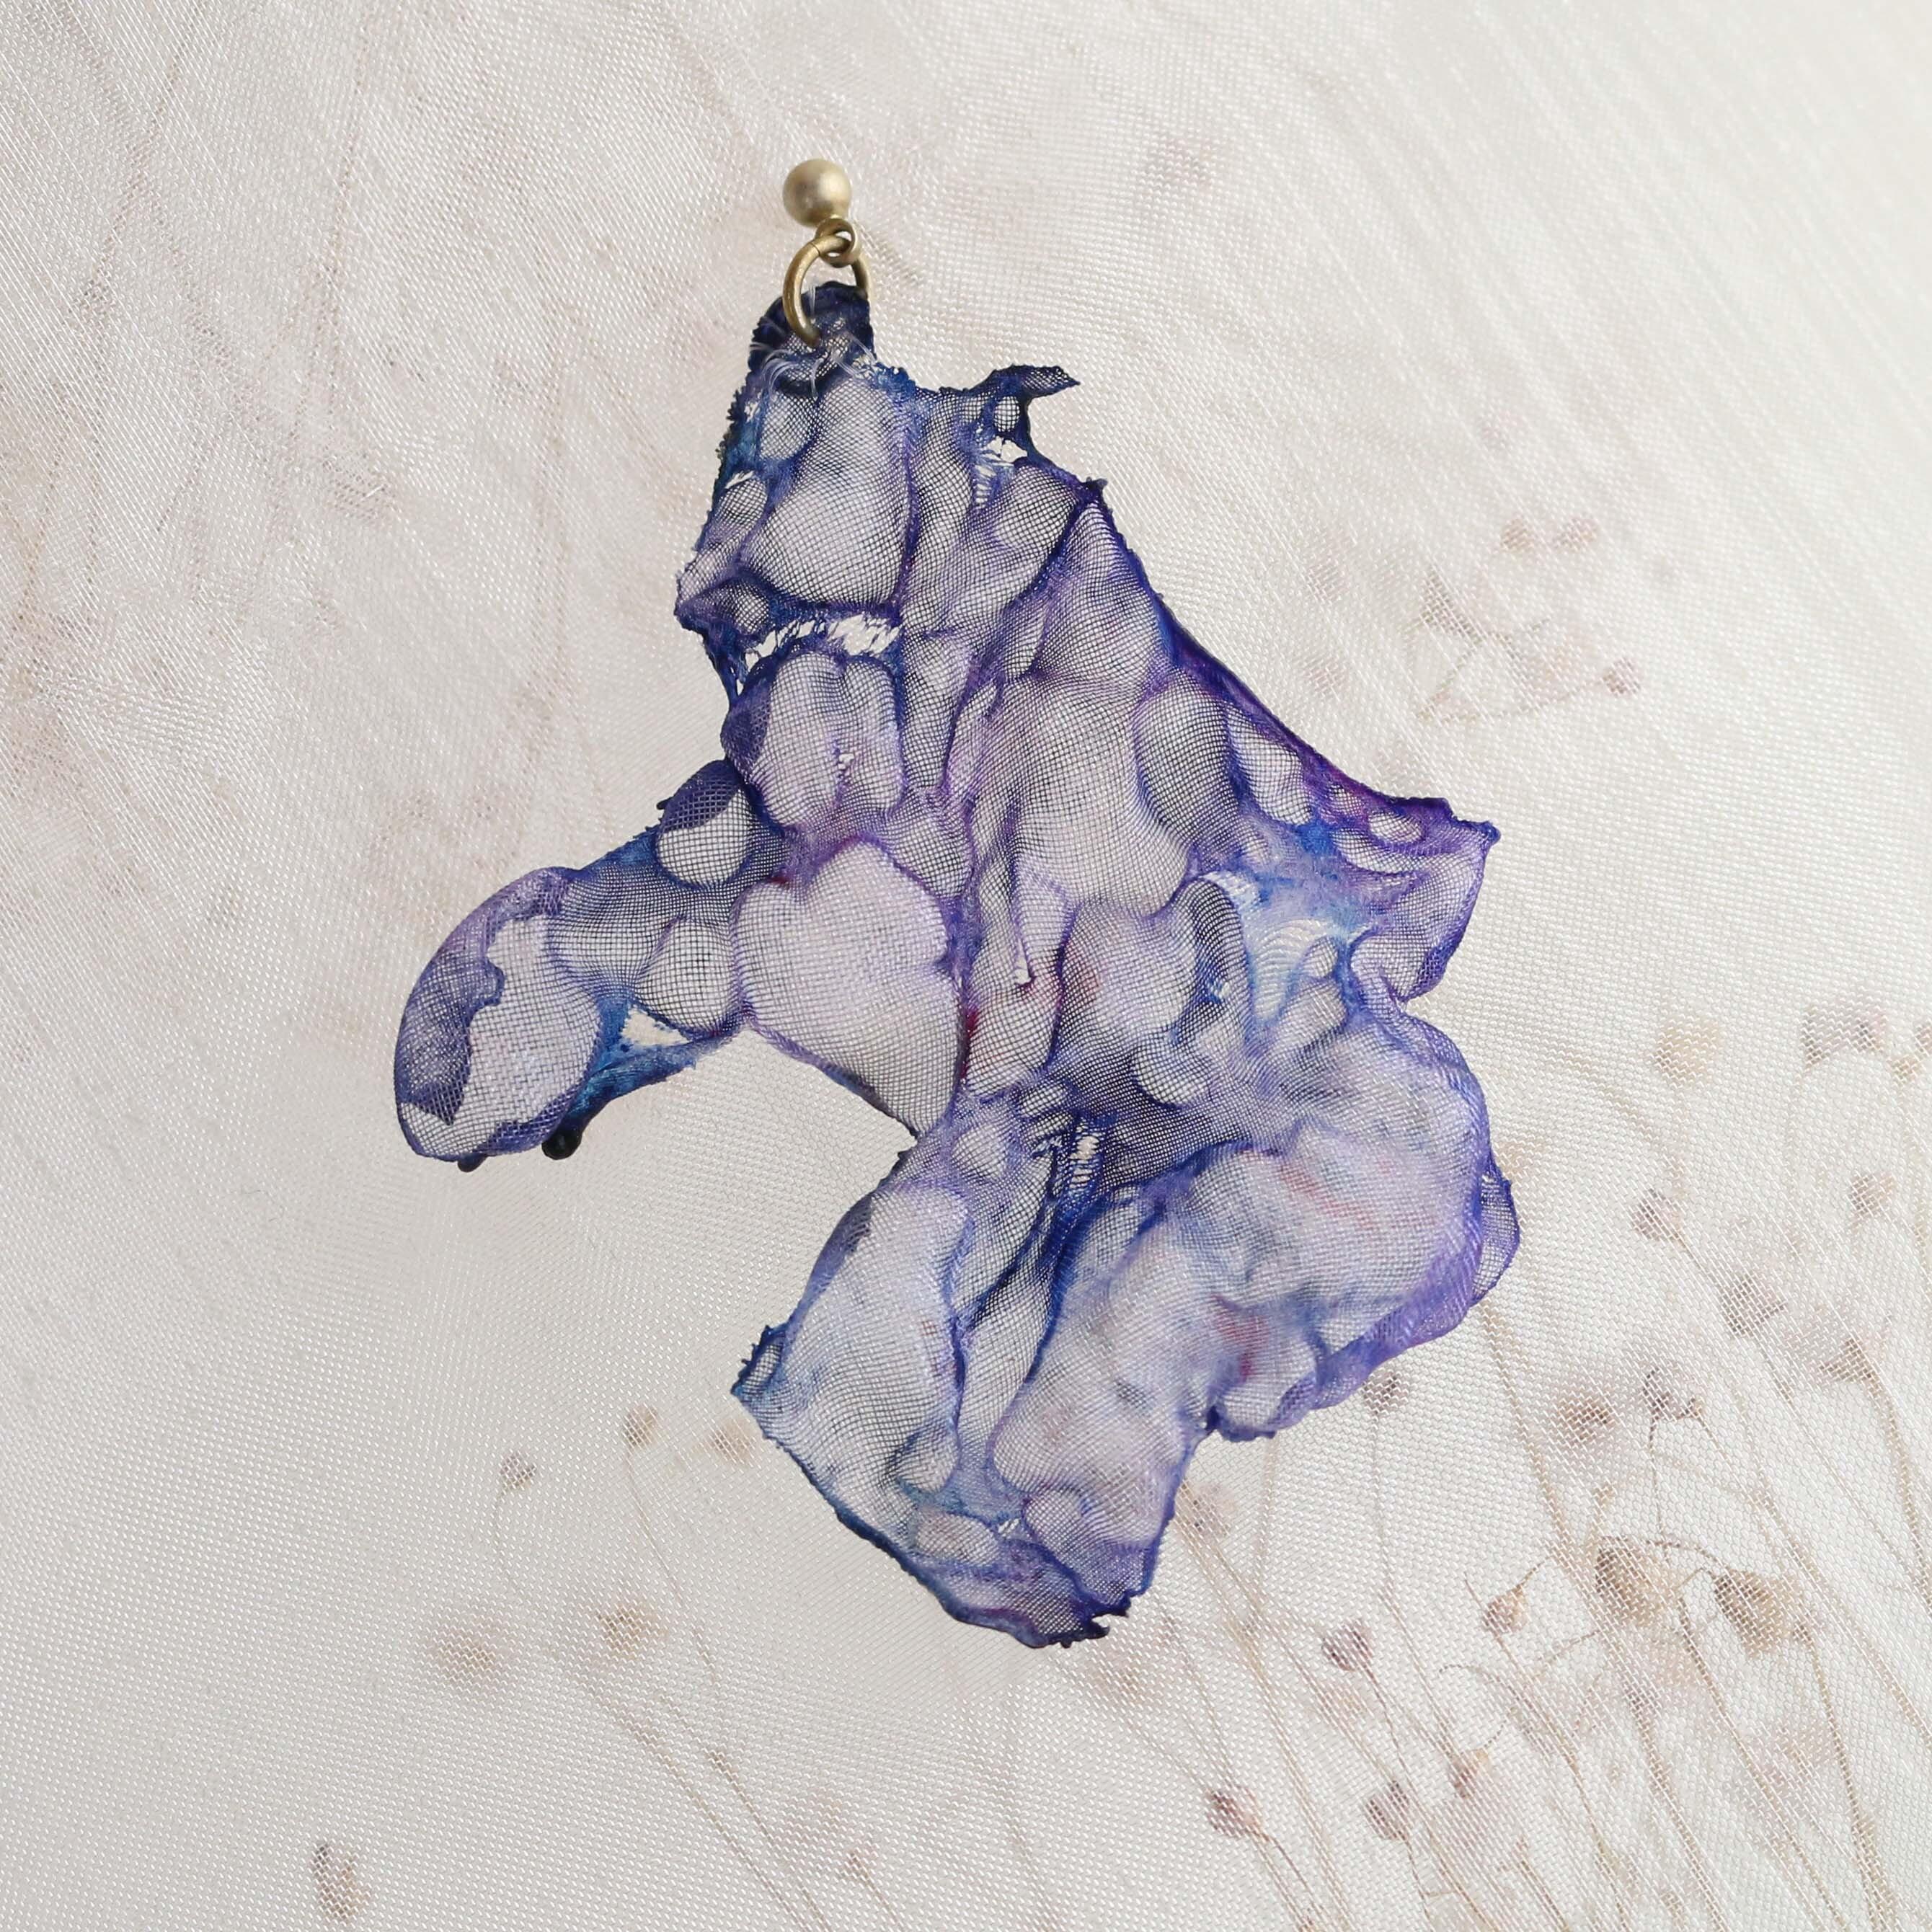 染めオーガンジーのアートピアス|紺色